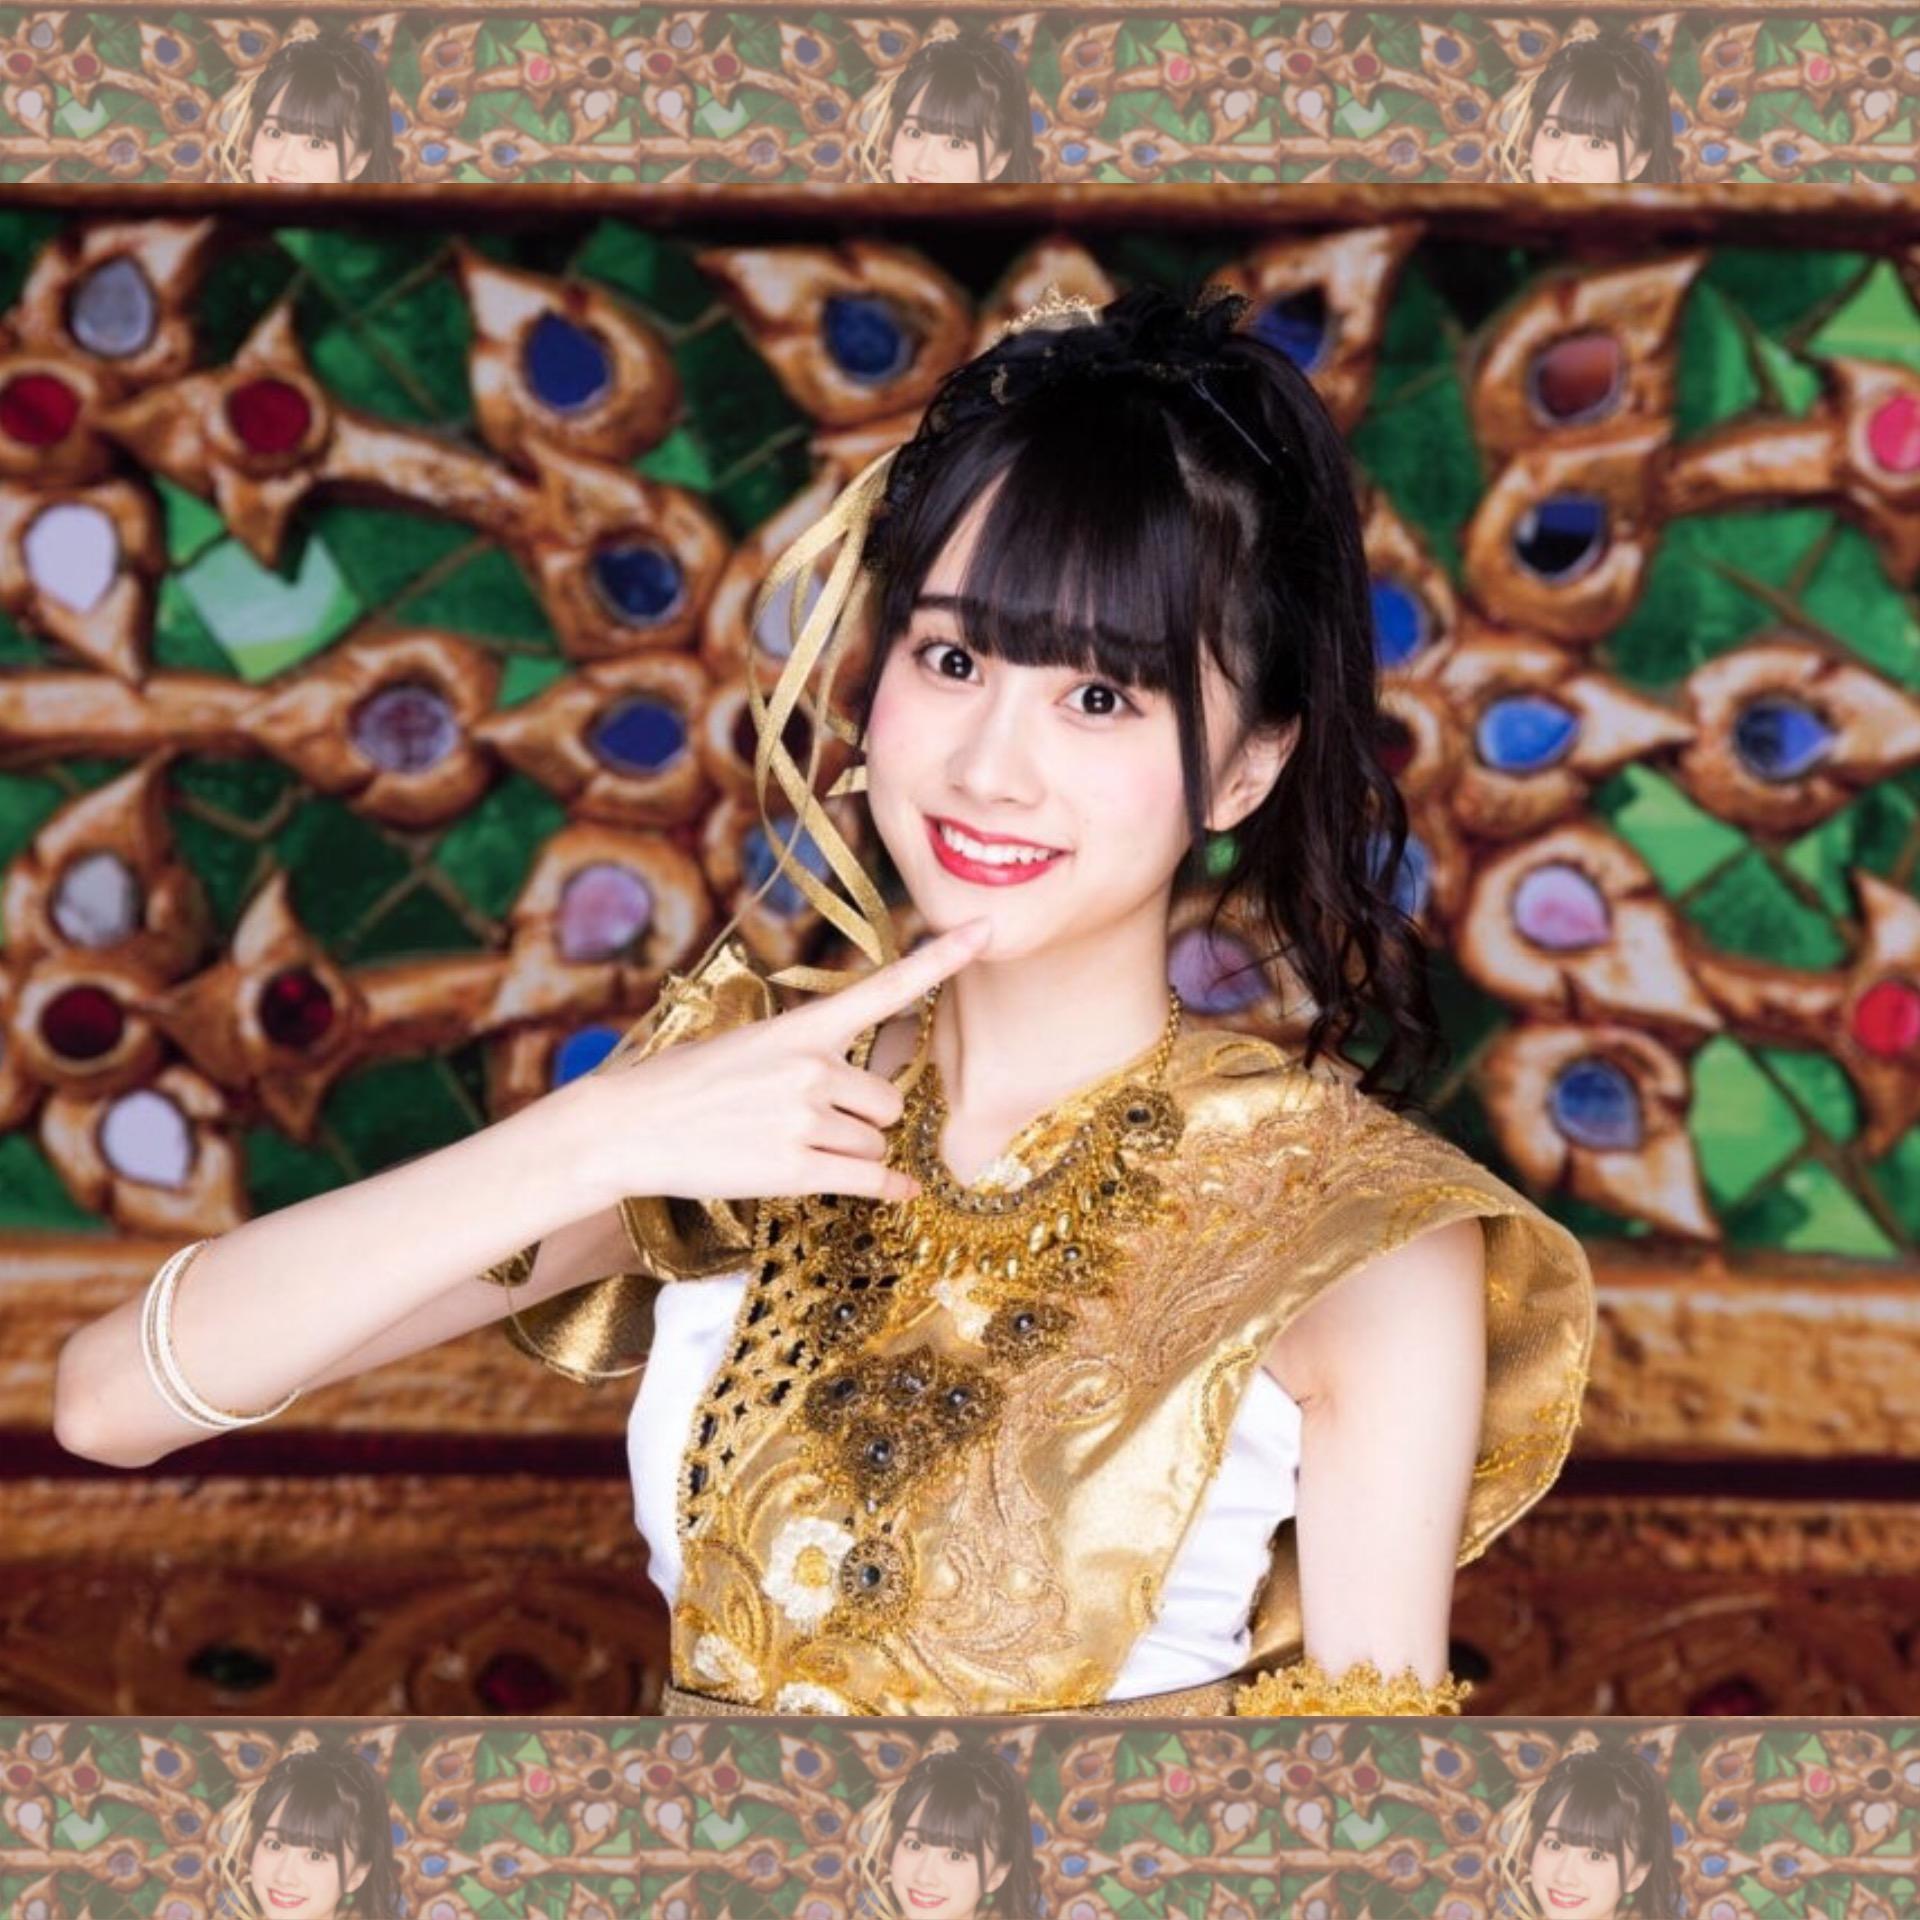 11月4日(月祝) READY TO KISS 清川麗奈 生誕祭